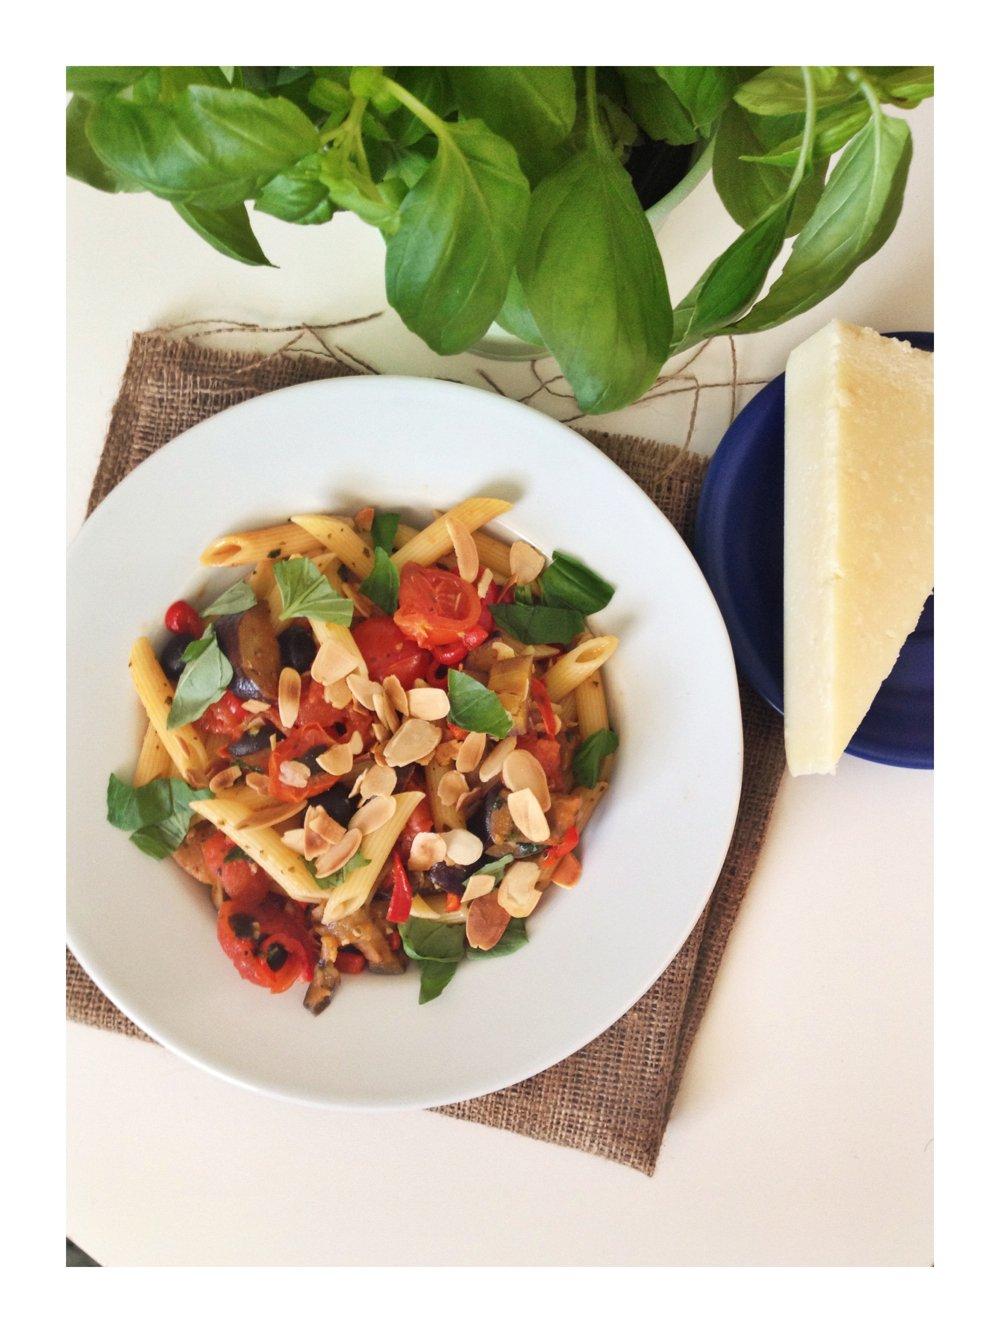 caponata recipe, quick pasta recipe, aubergine, toasted almonds, vegetarian meal